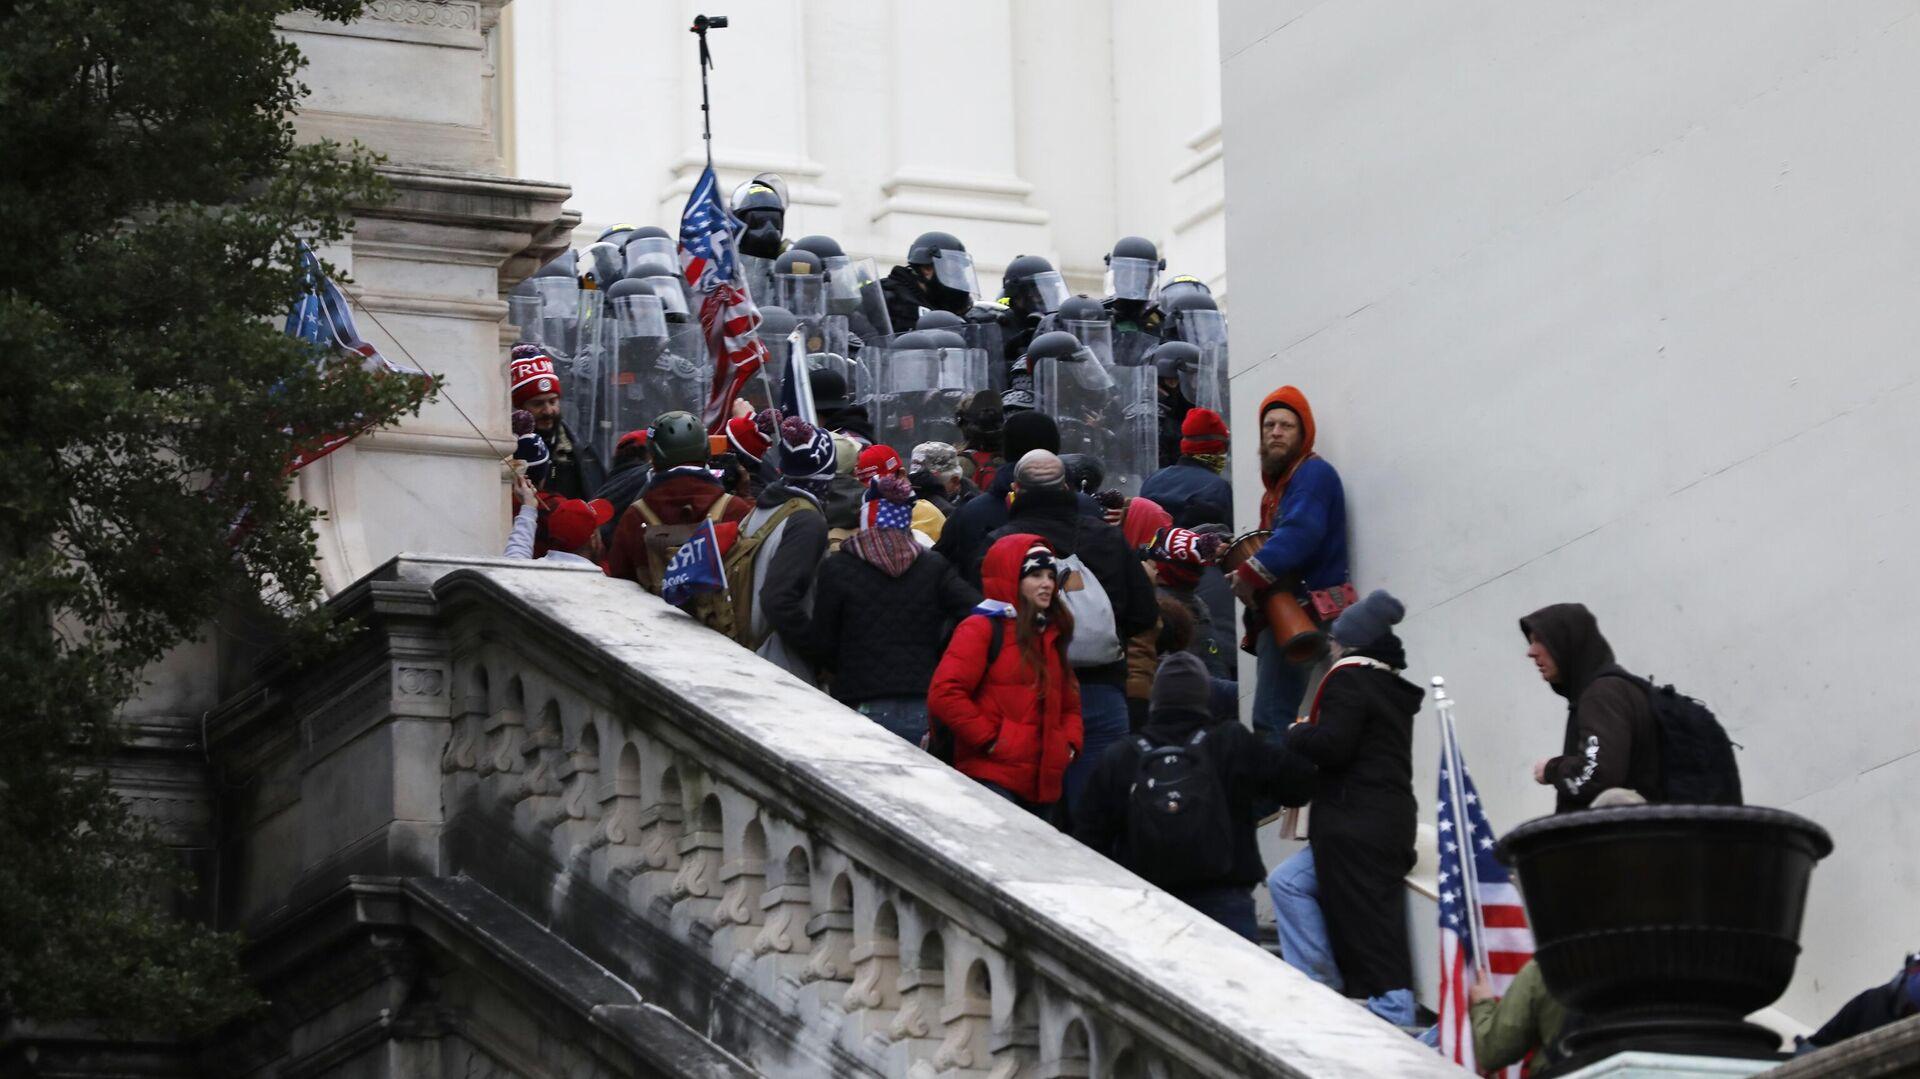 Участники акции протеста сторонников действующего президента США Дональда Трампа у здания конгресса в Вашингтоне - РИА Новости, 1920, 10.01.2021